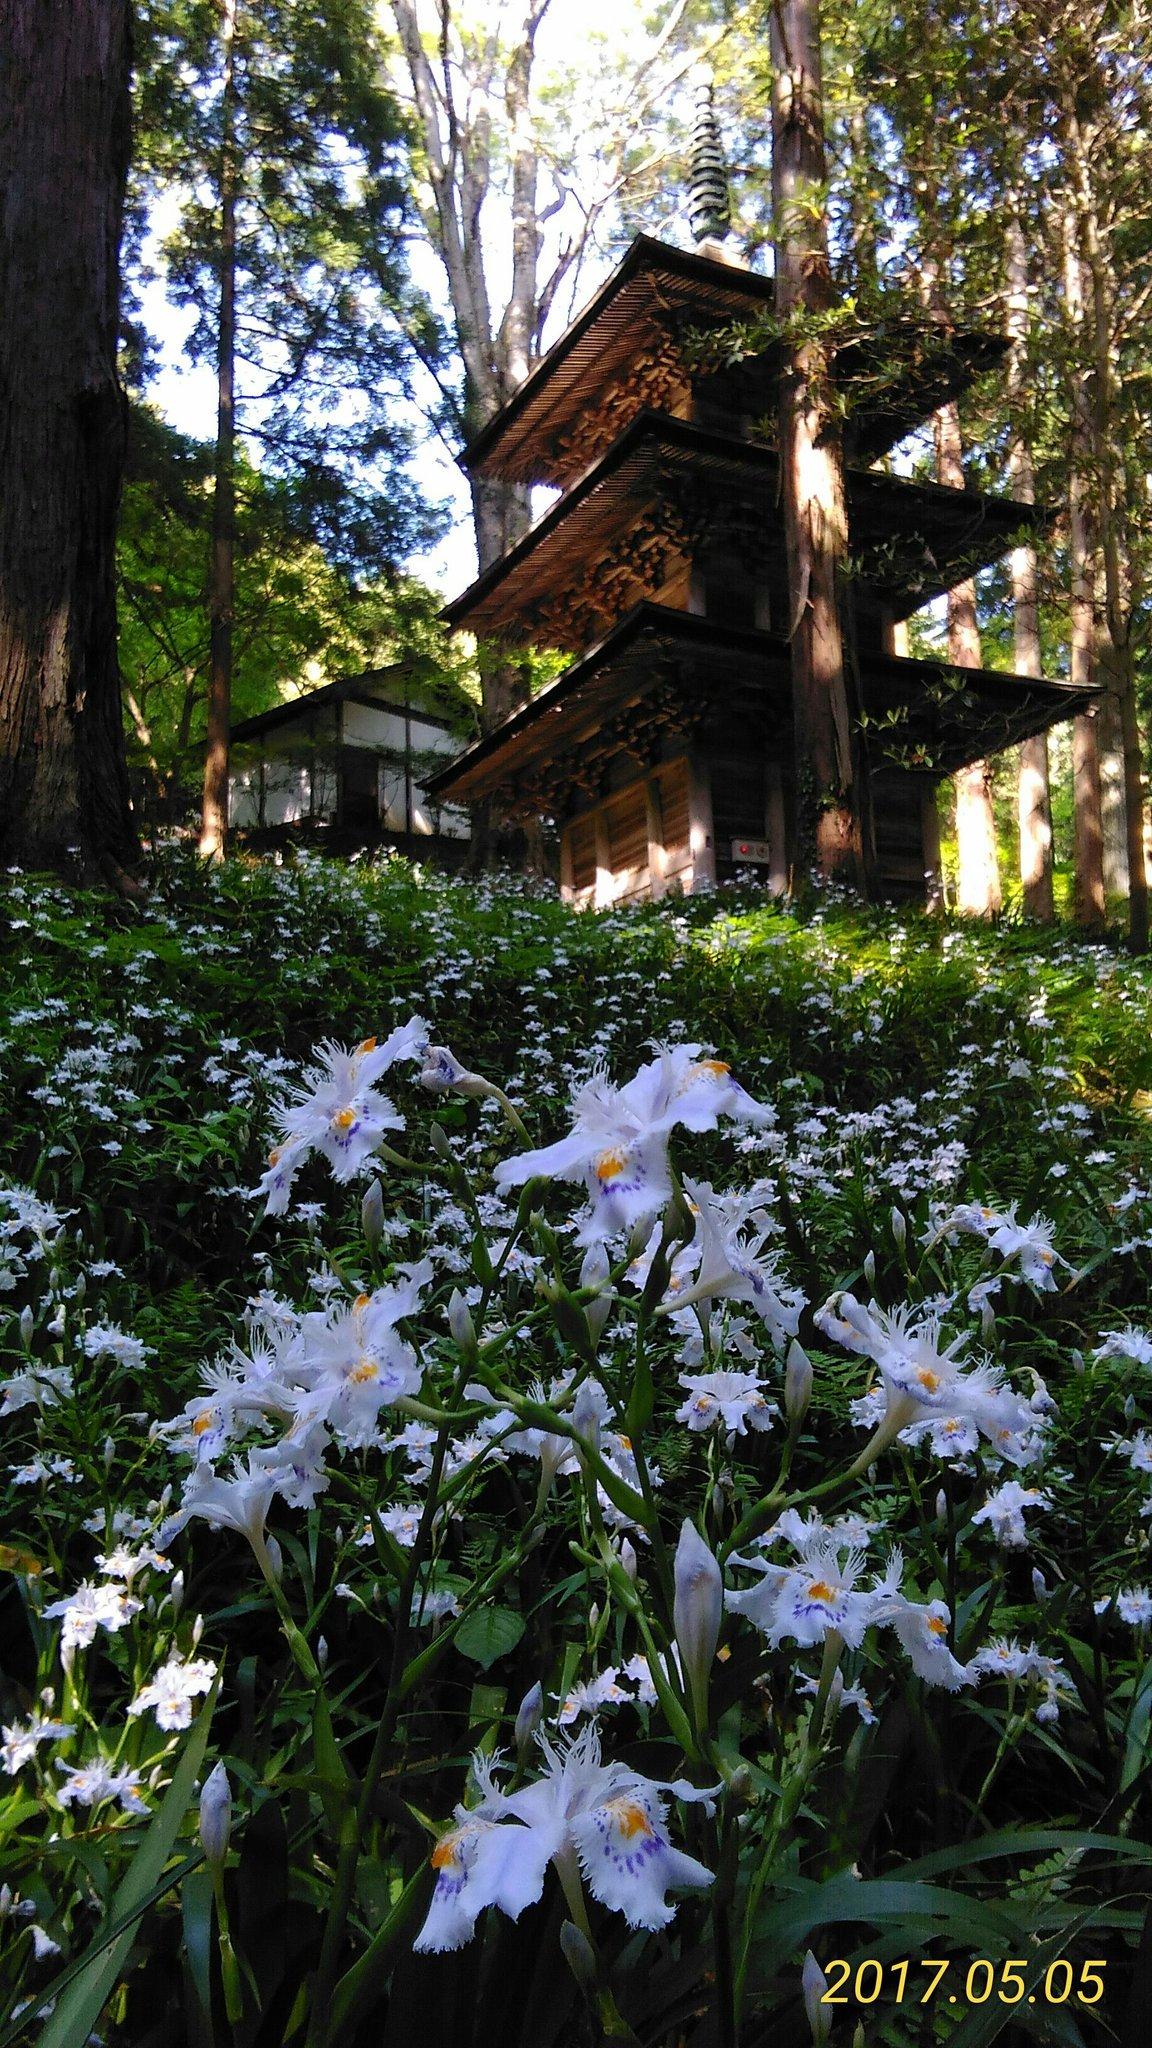 高蔵寺のハナカツミ(いわき)